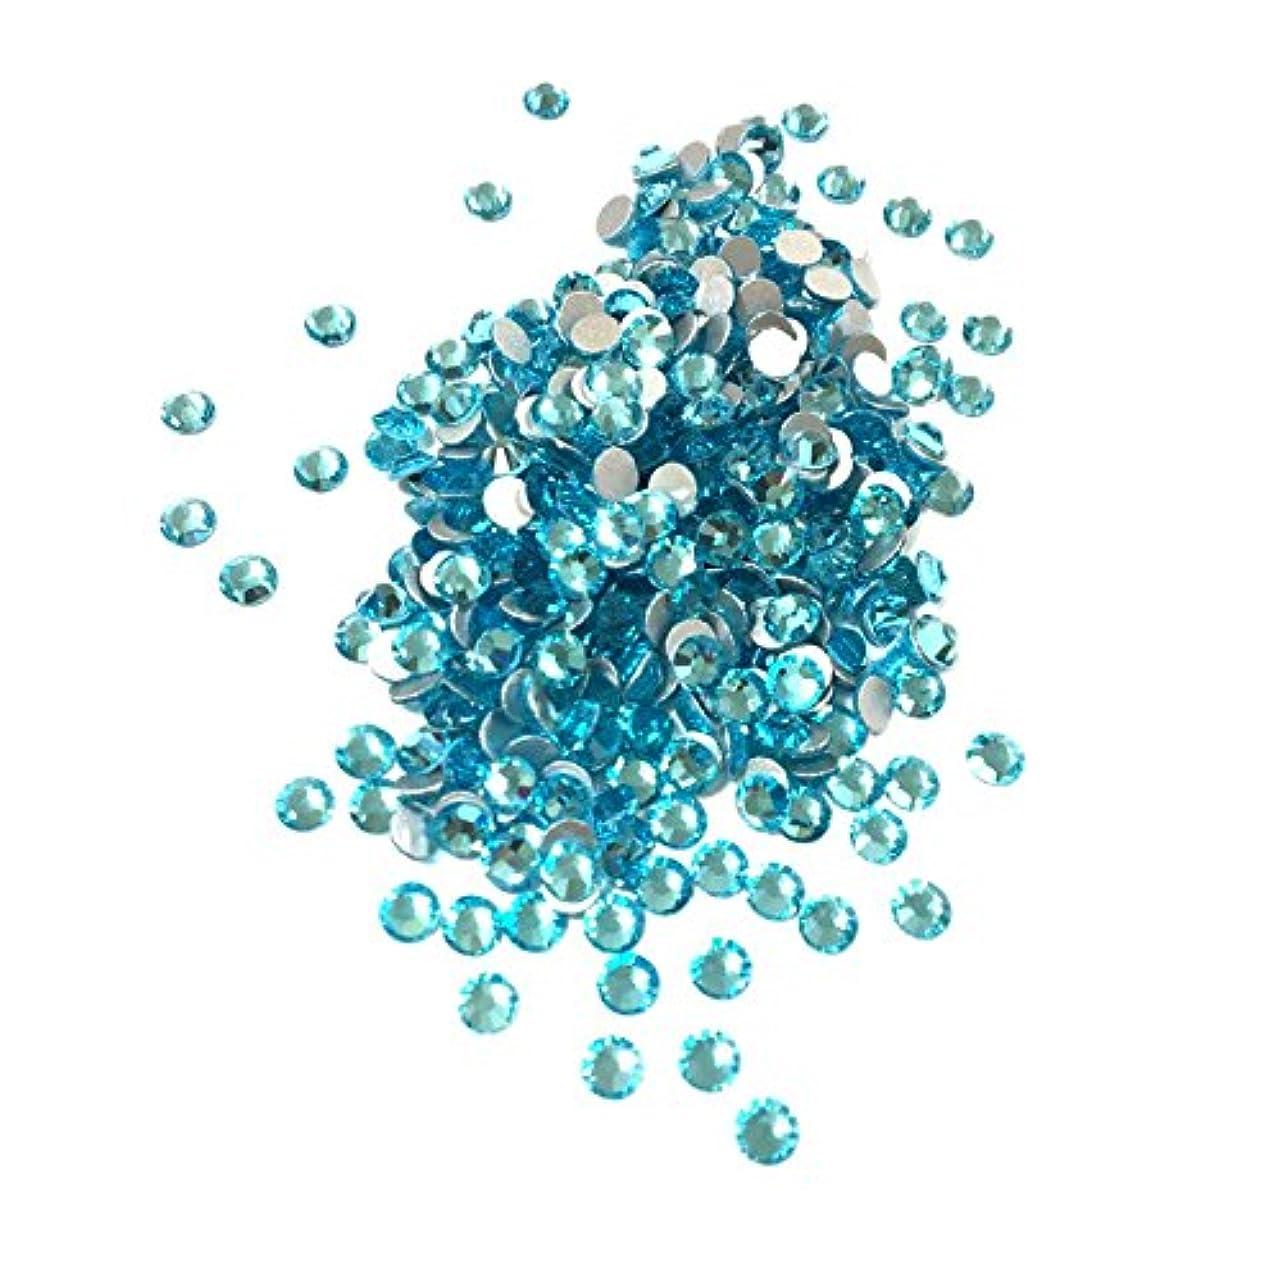 灌漑レーニン主義実現可能【ネイルウーマン】最高品質ガラスストーン!スワロ同等の輝き! アクアマリン 水色 ライトブルー (約100粒入り) (SS3, アクアマリン)